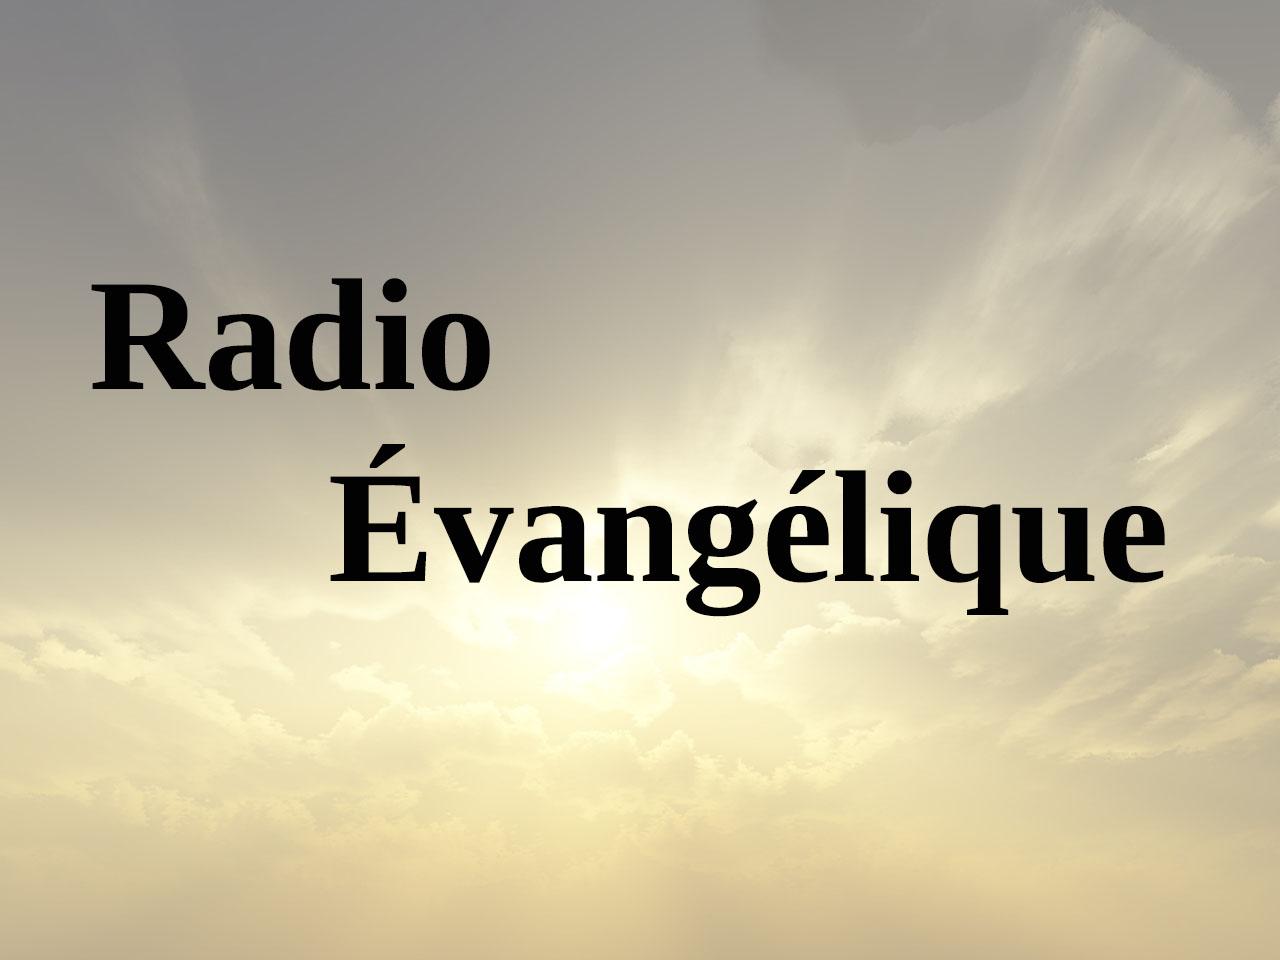 Exceptionnel Daniel Poulin - Publication Évangélique VJ58